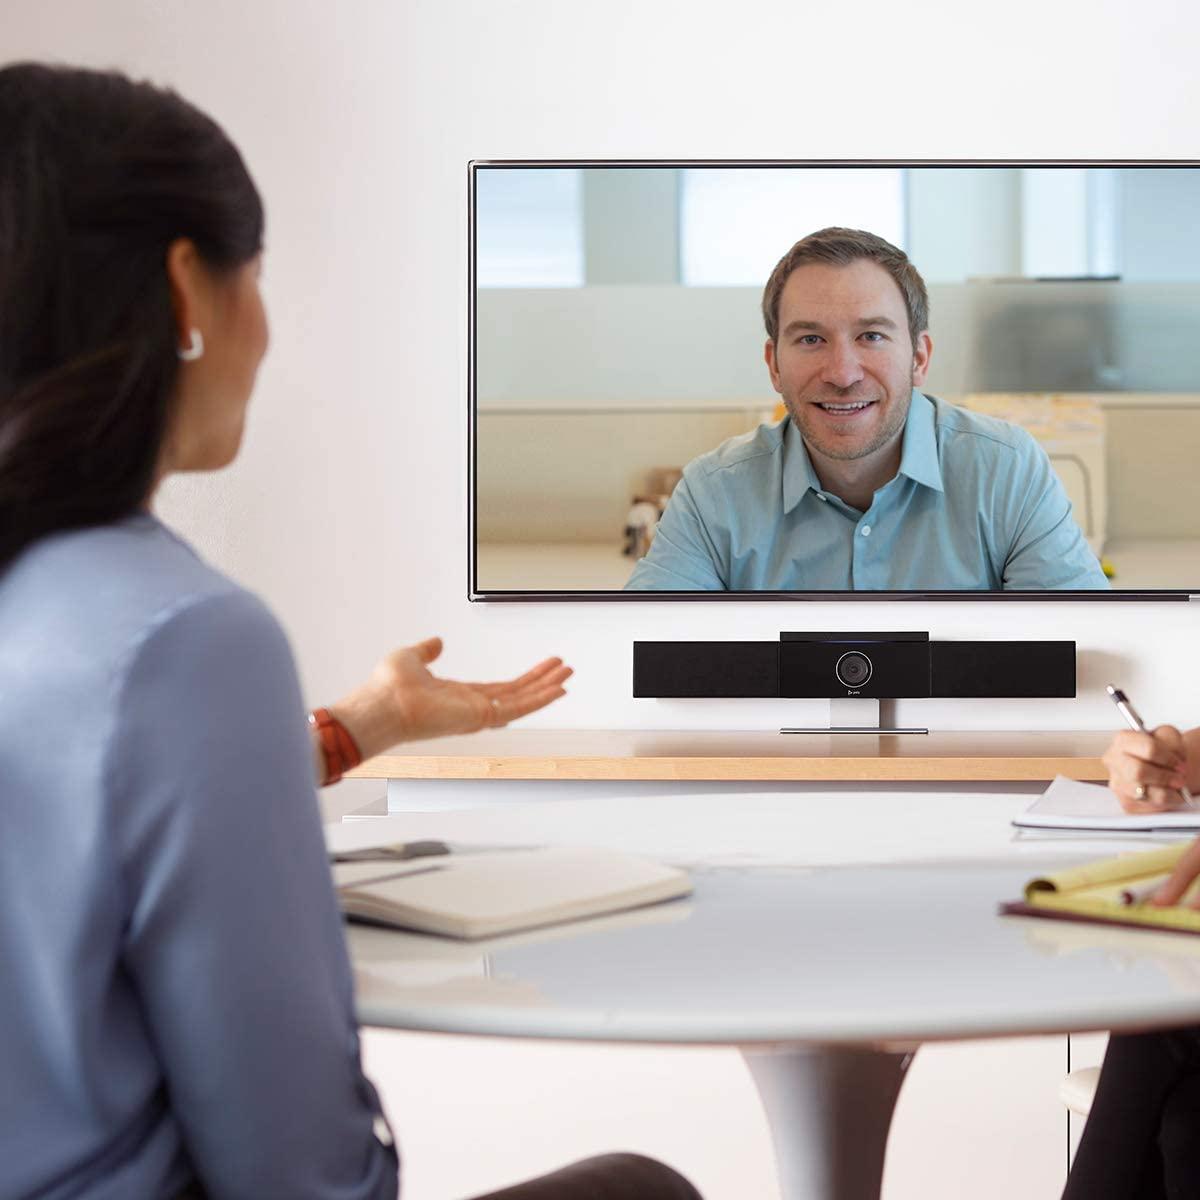 meeting video set speakers microphone